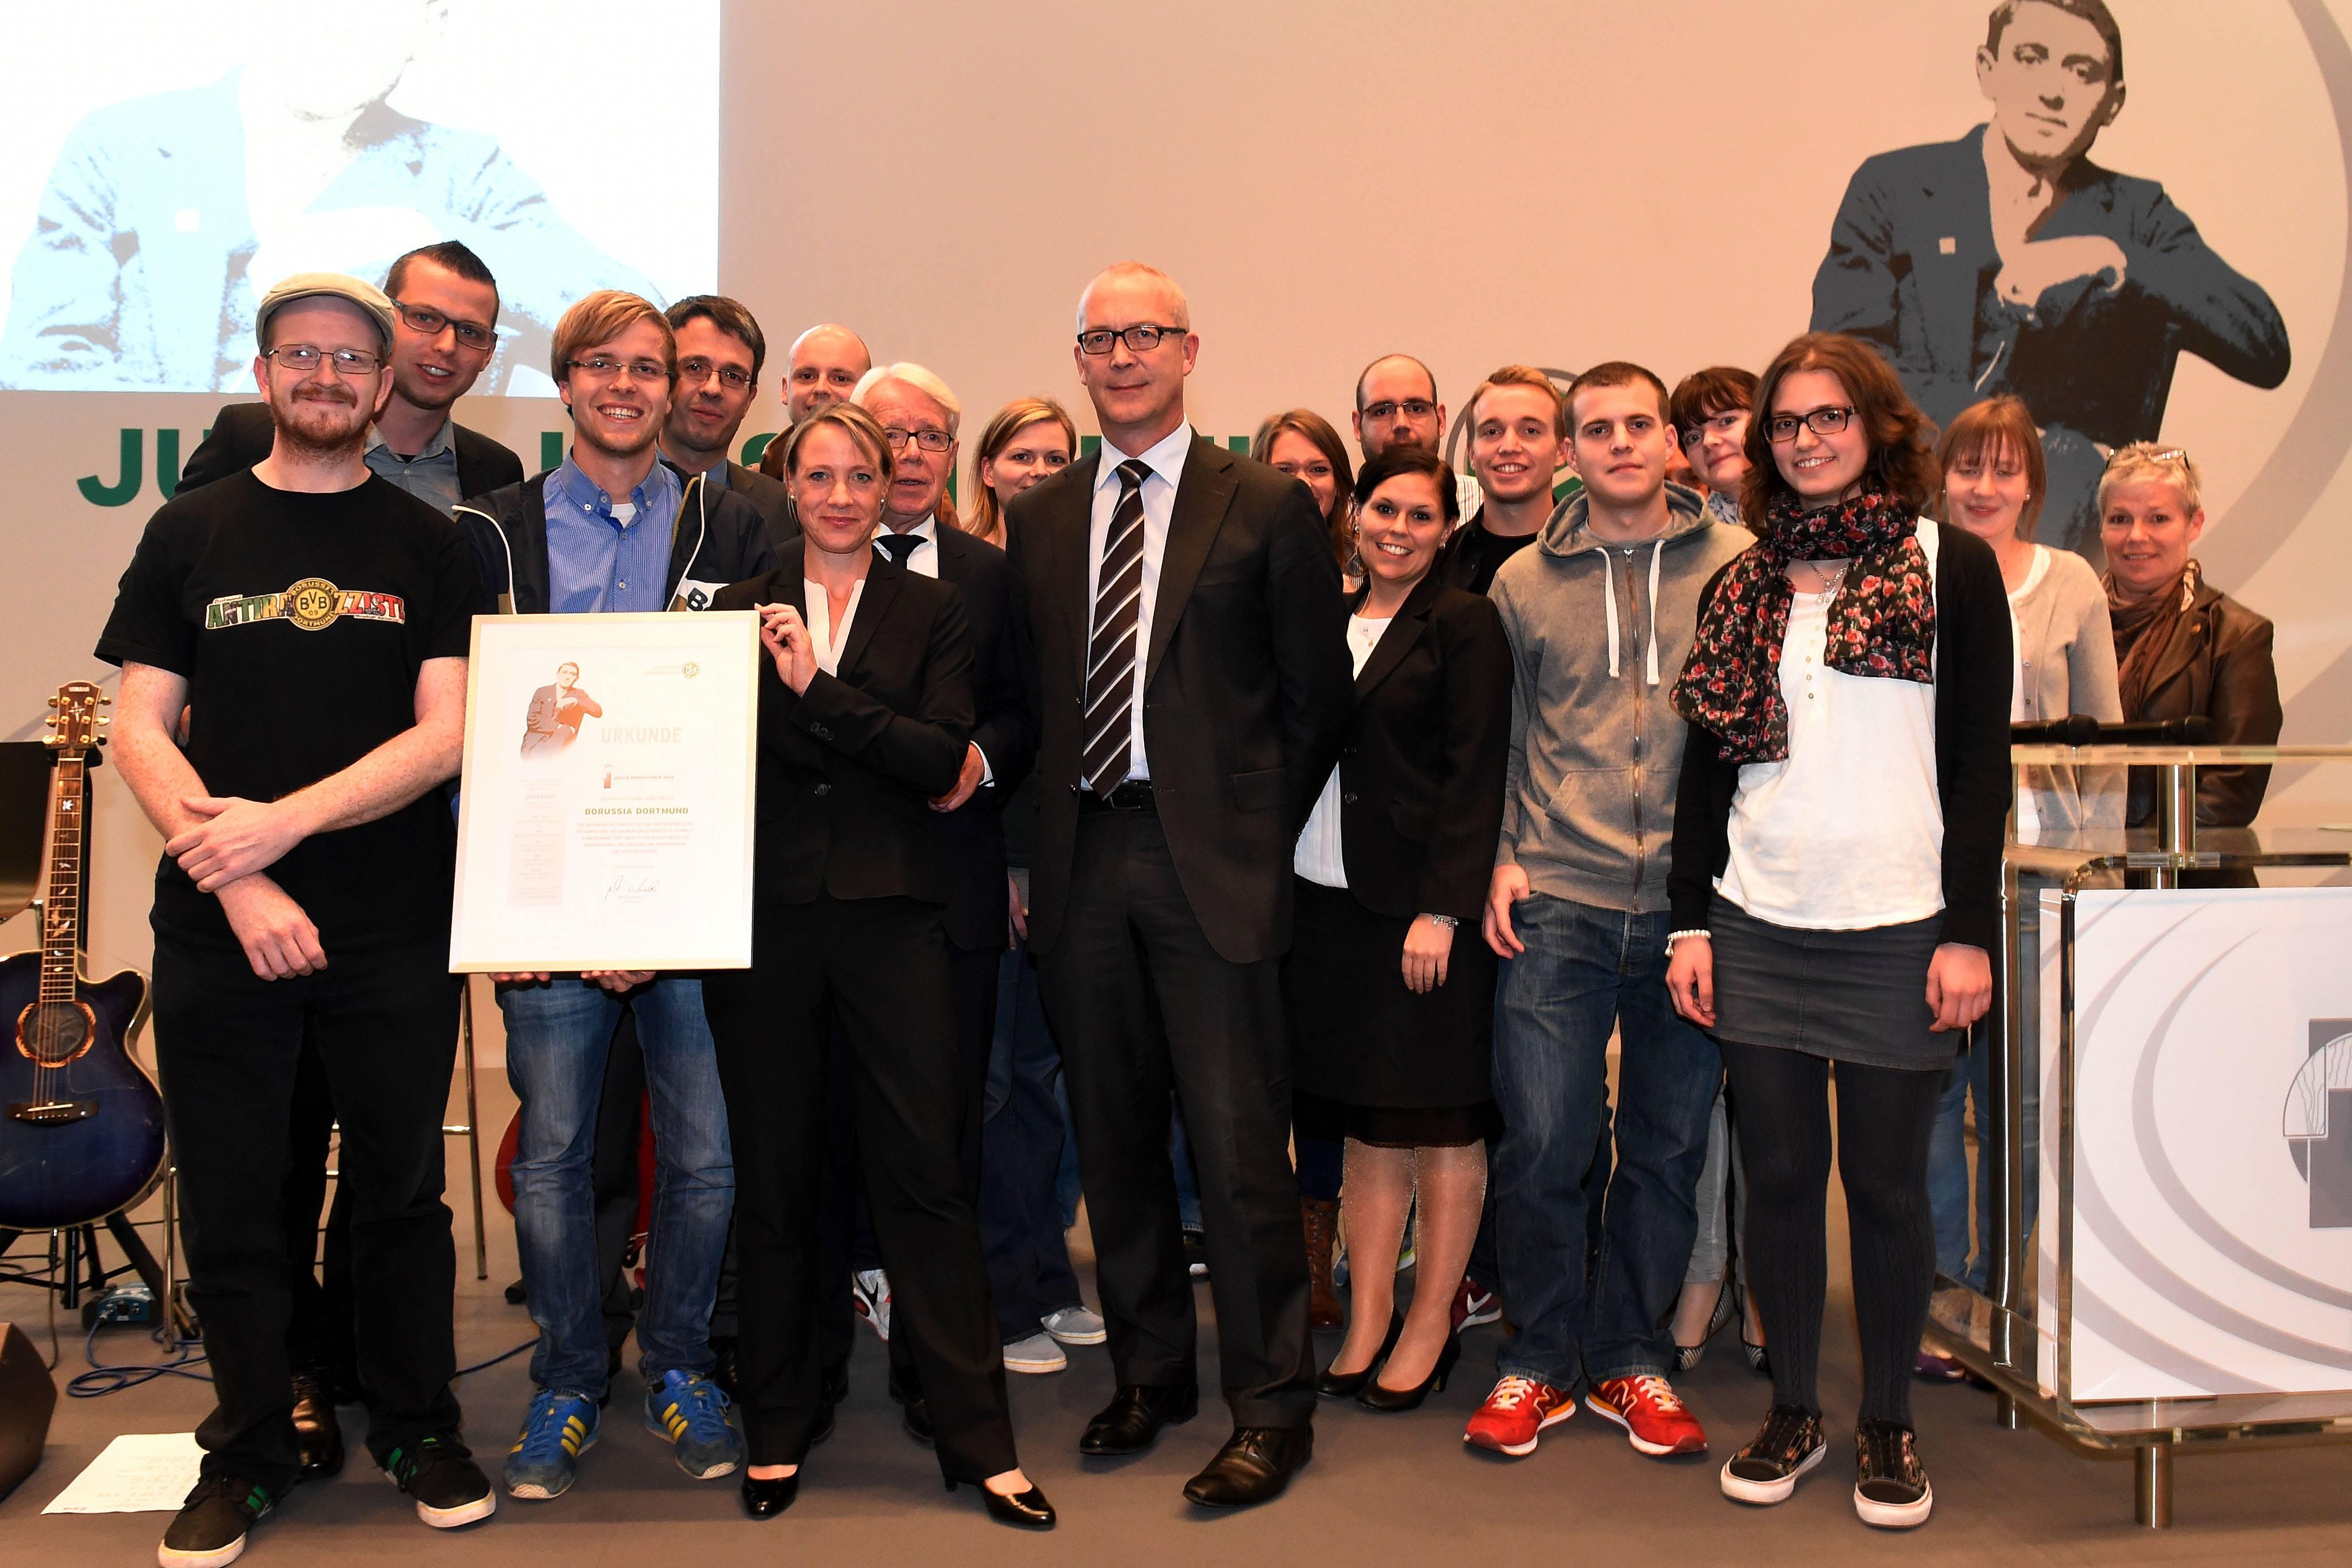 Übergabe des Julius-Hirsch-Preises